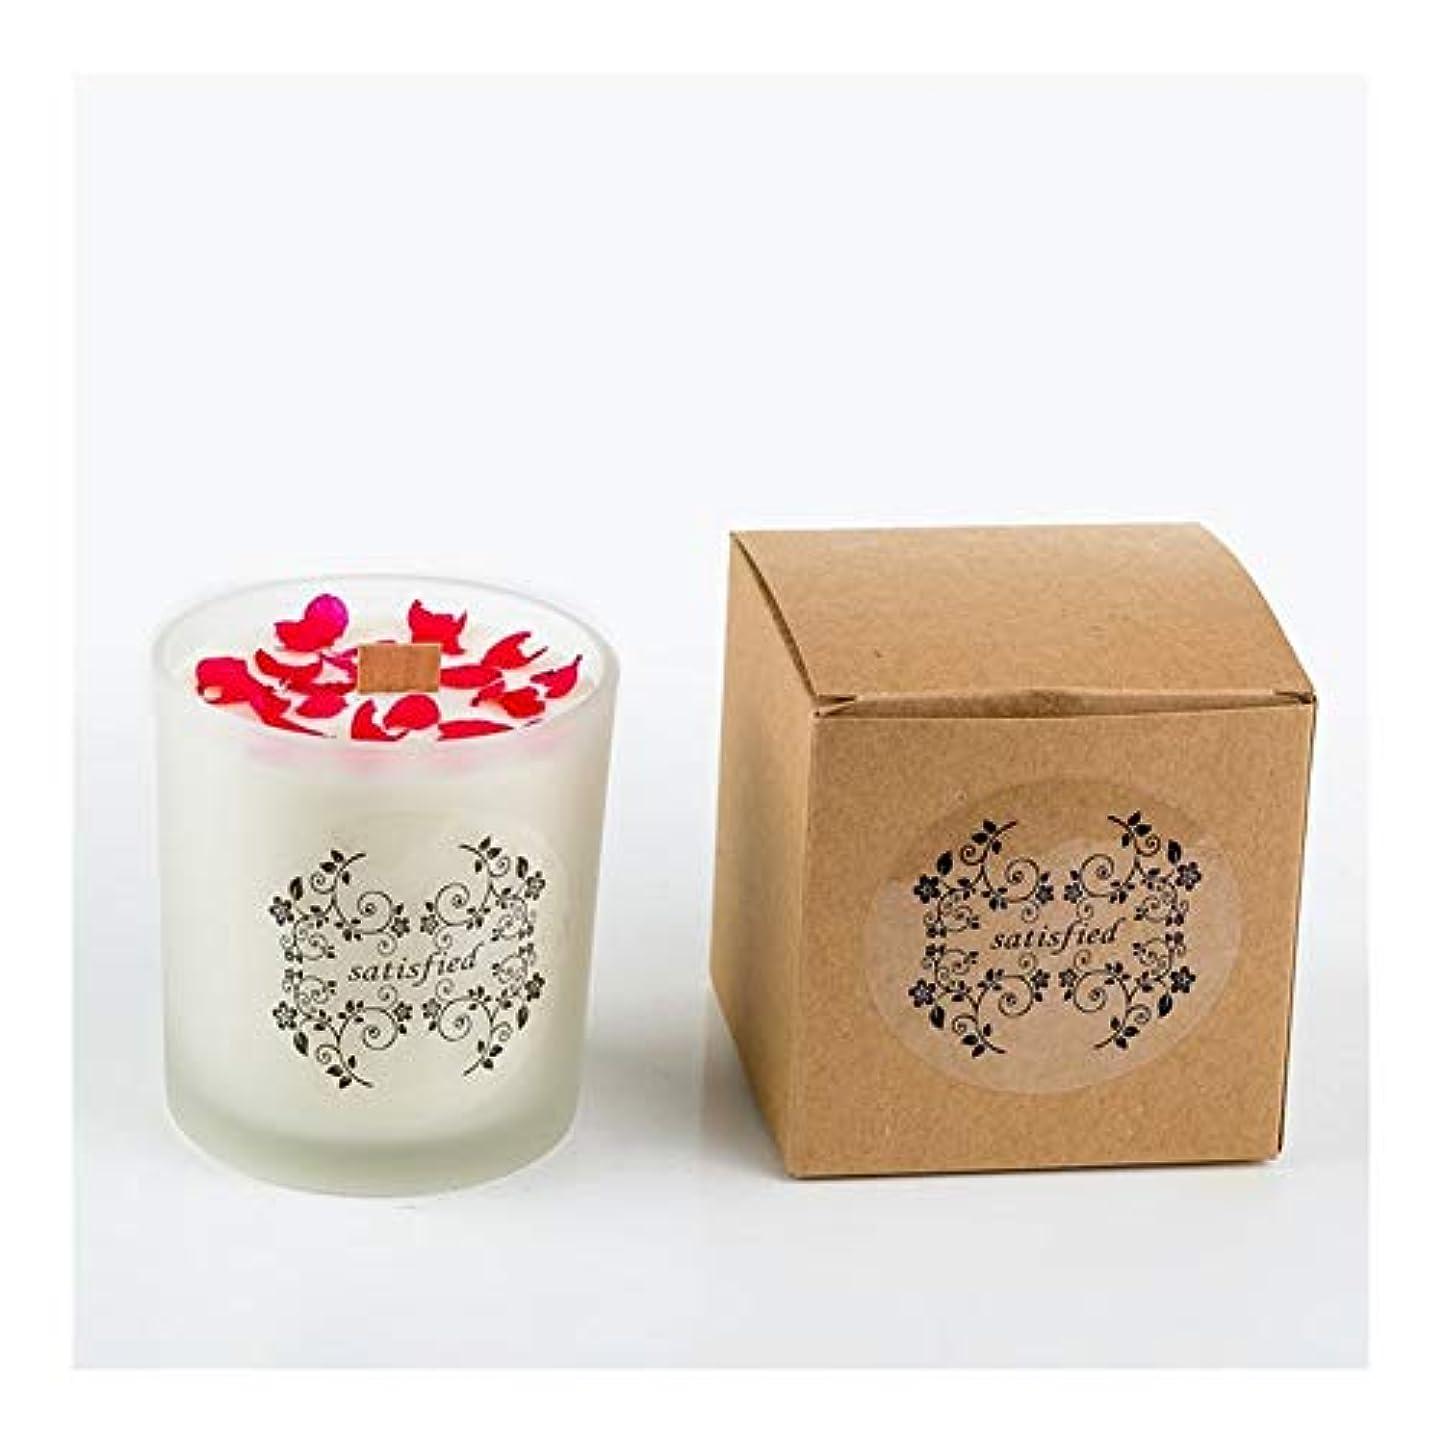 植物学上著者Guomao ロマンチックな香りのキャンドルエッセンシャルオイル大豆ワックスガラスアロマセラピーロマンチックな誕生日ギフトの提案無煙の香り (色 : Blackberries)